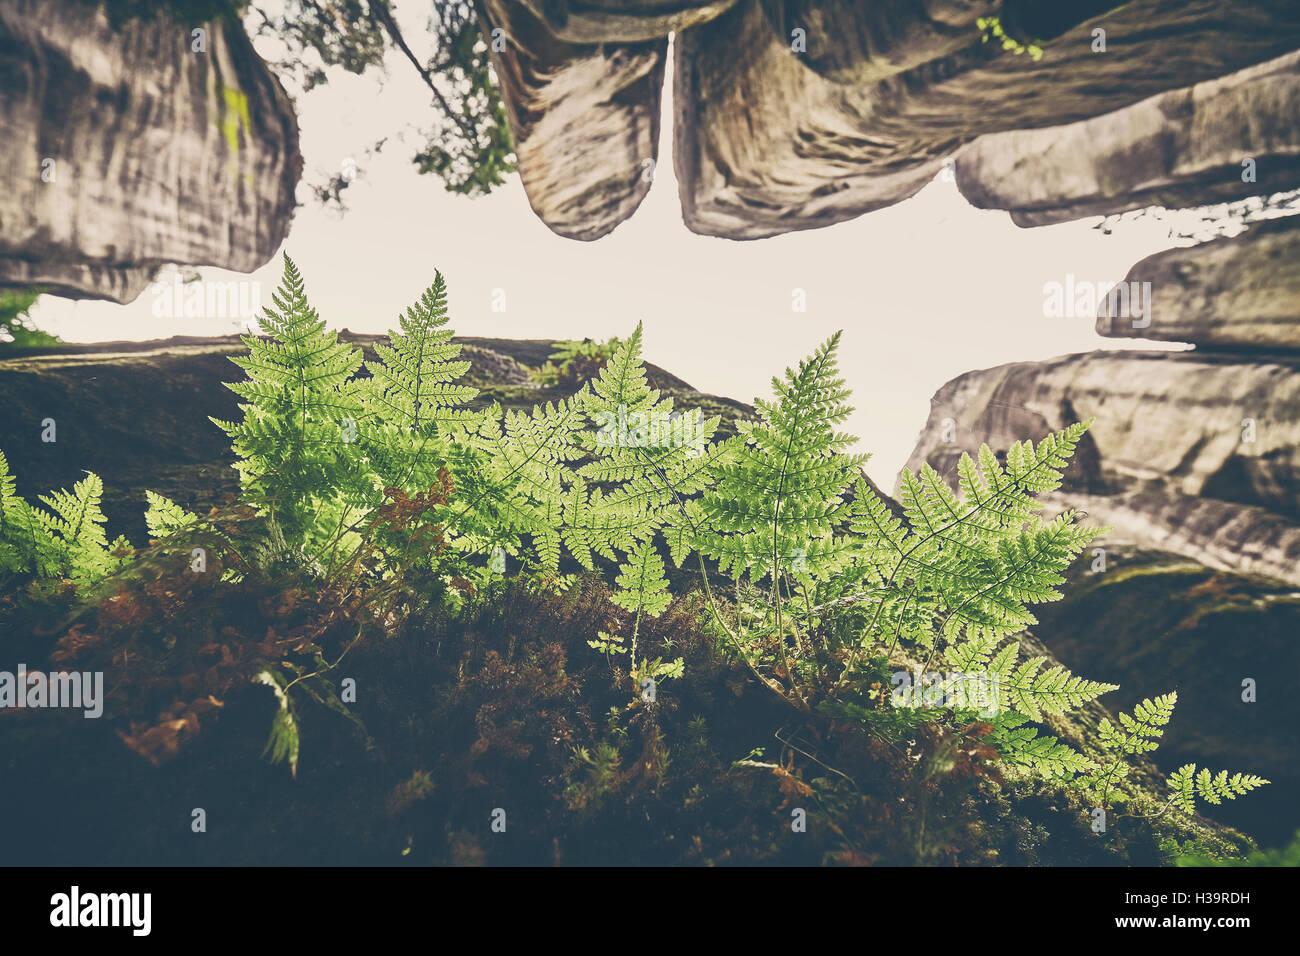 Vintage tonica foglie di felce su roccia, cercando la montagna, il fuoco selettivo. Immagini Stock